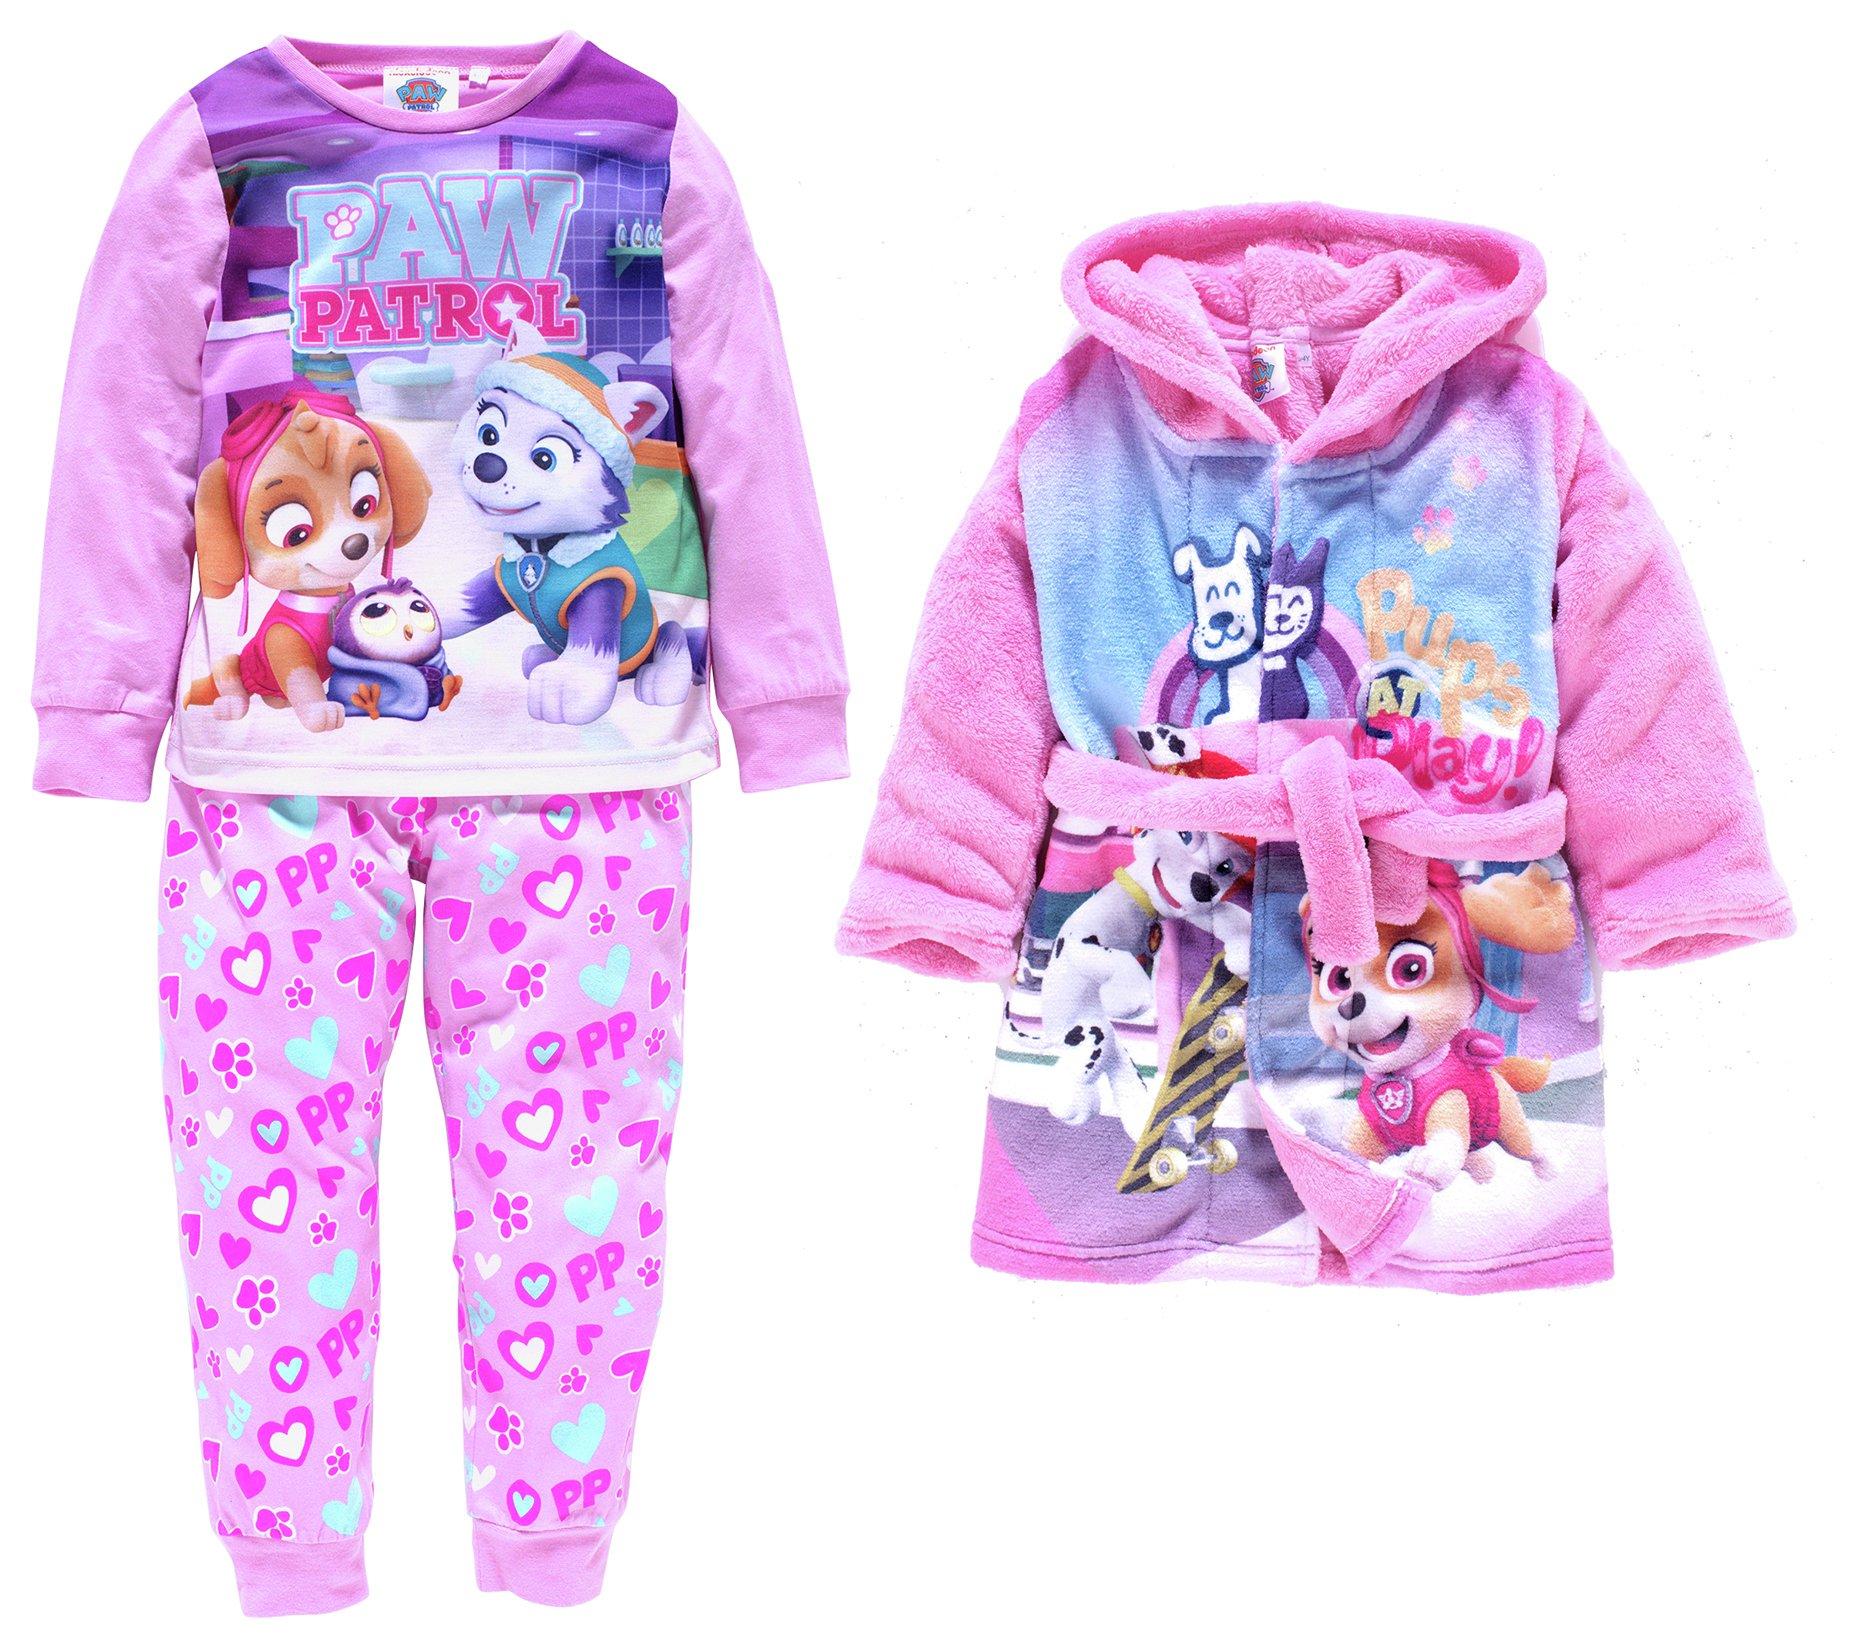 Image of PAW Patrol Pink Nightwear Set - 3-4 Years